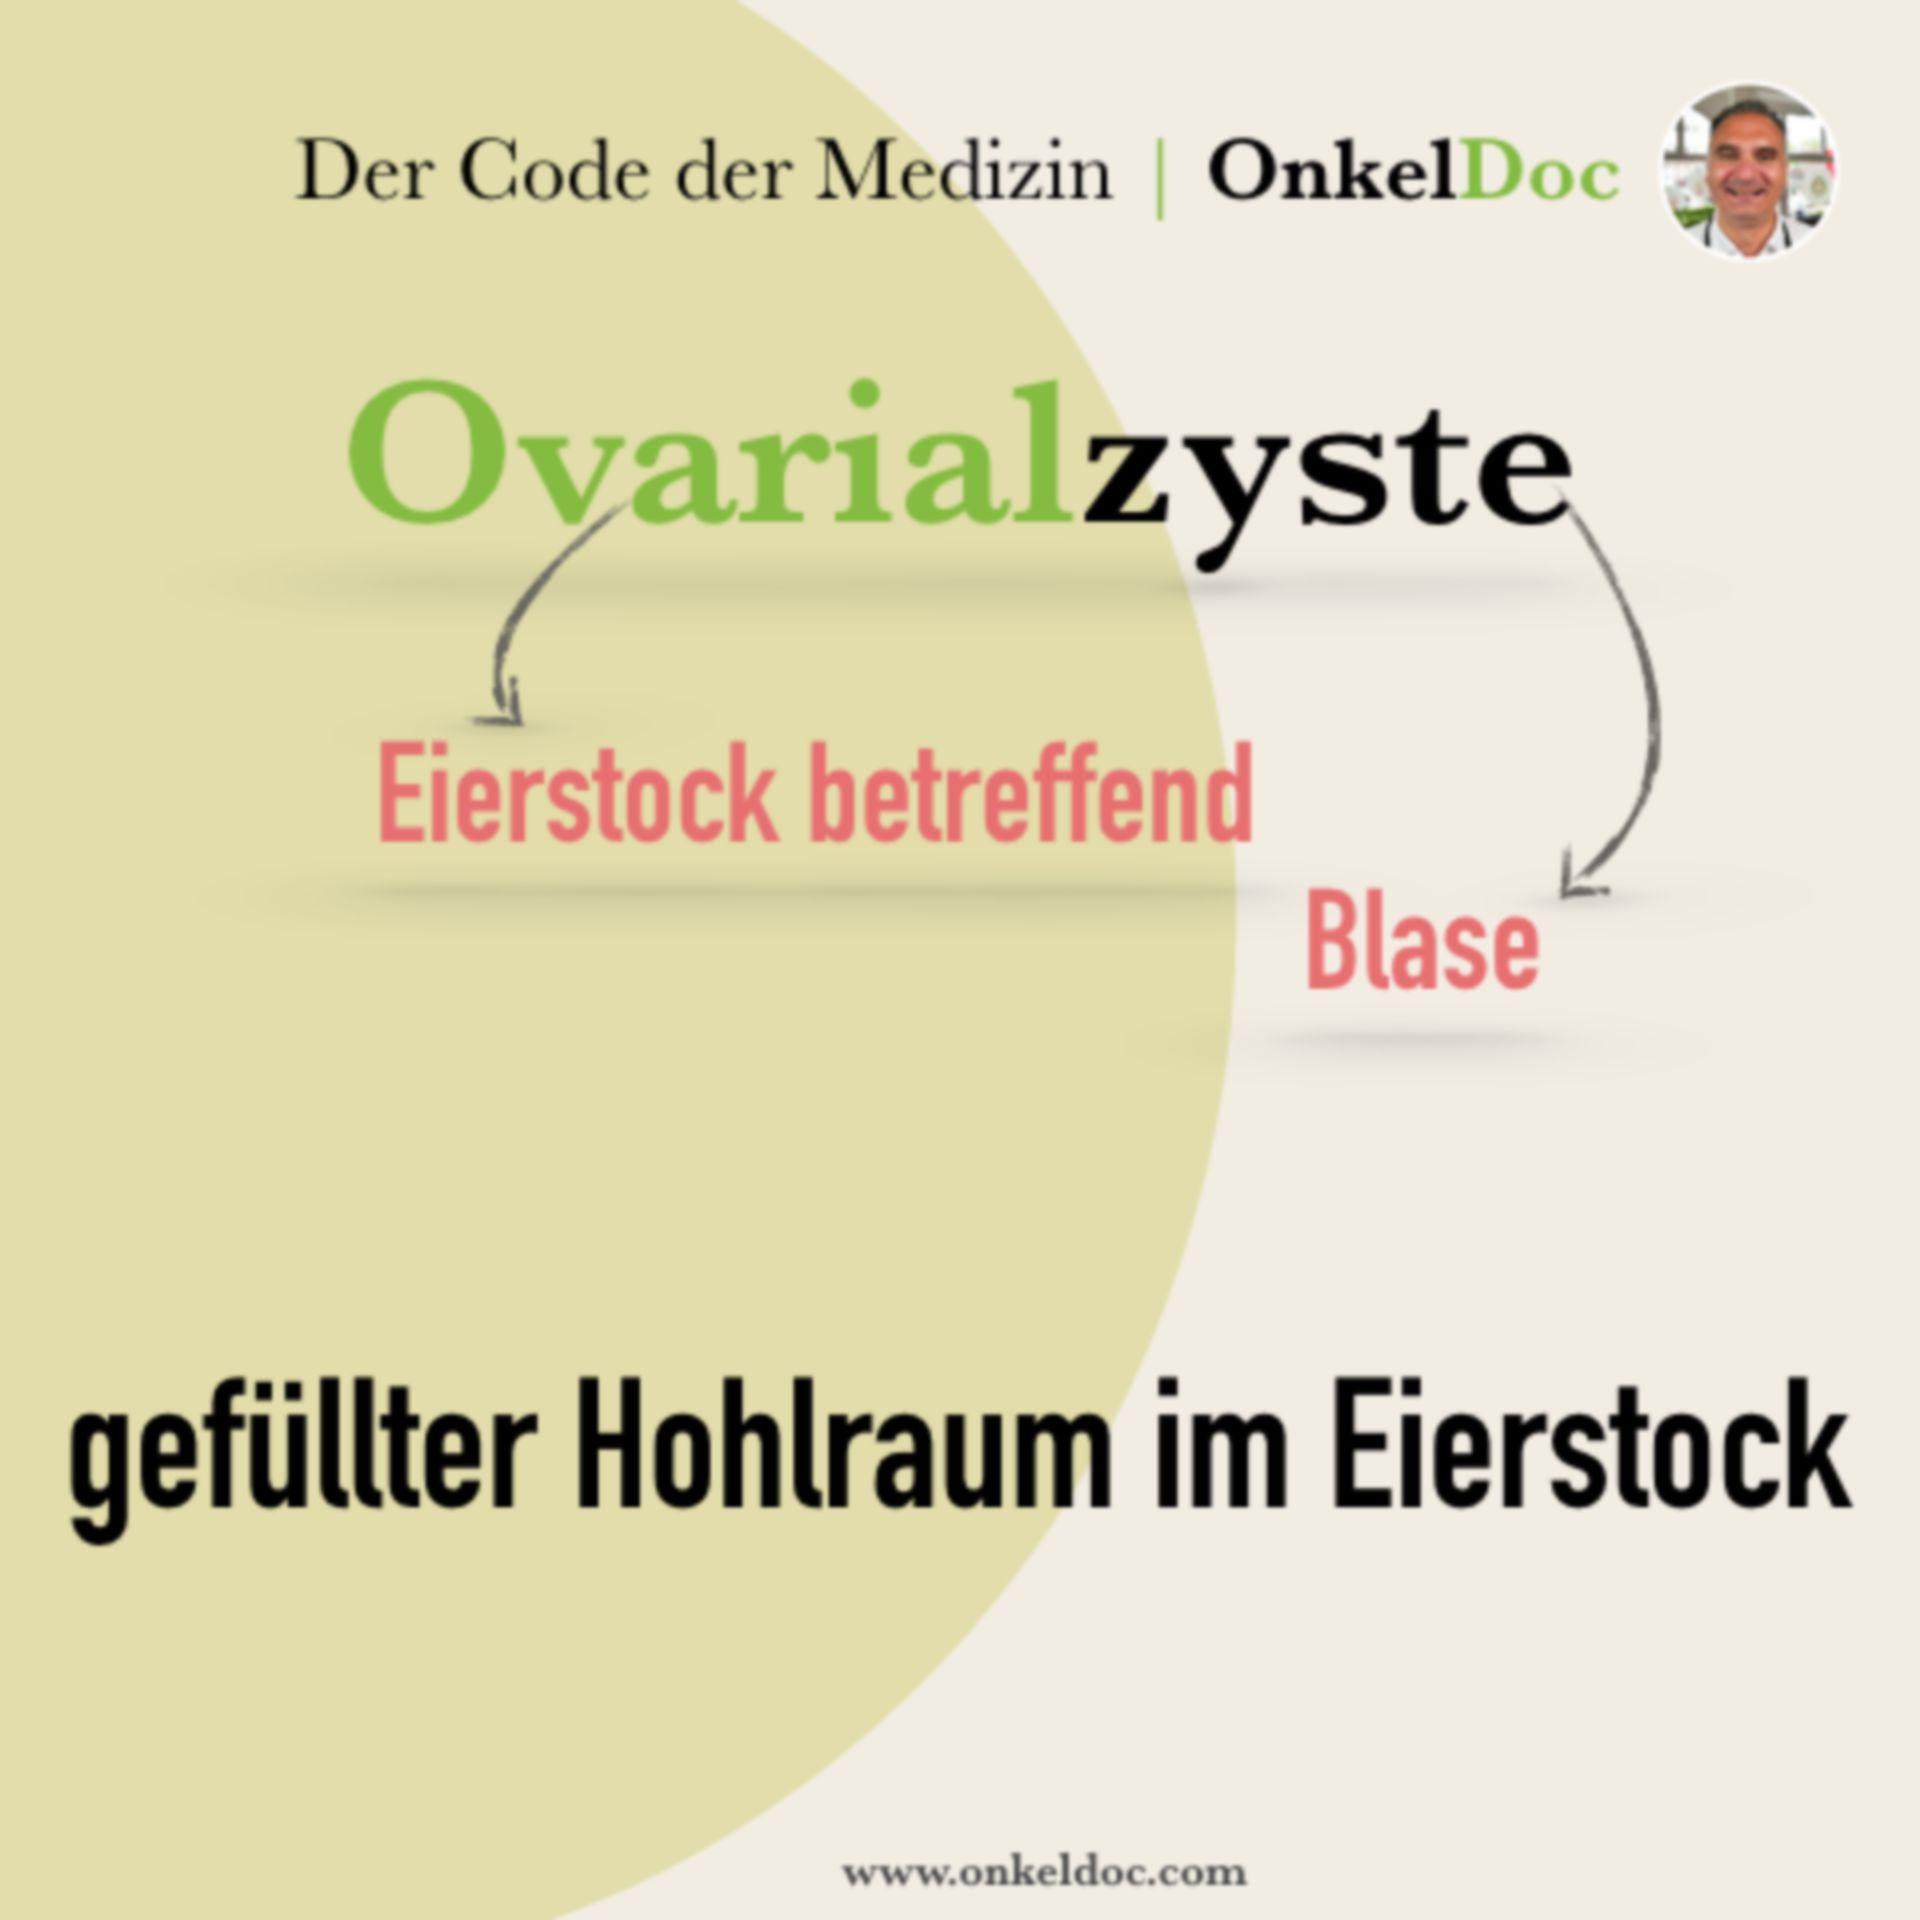 Der Code der Ovarialzyste